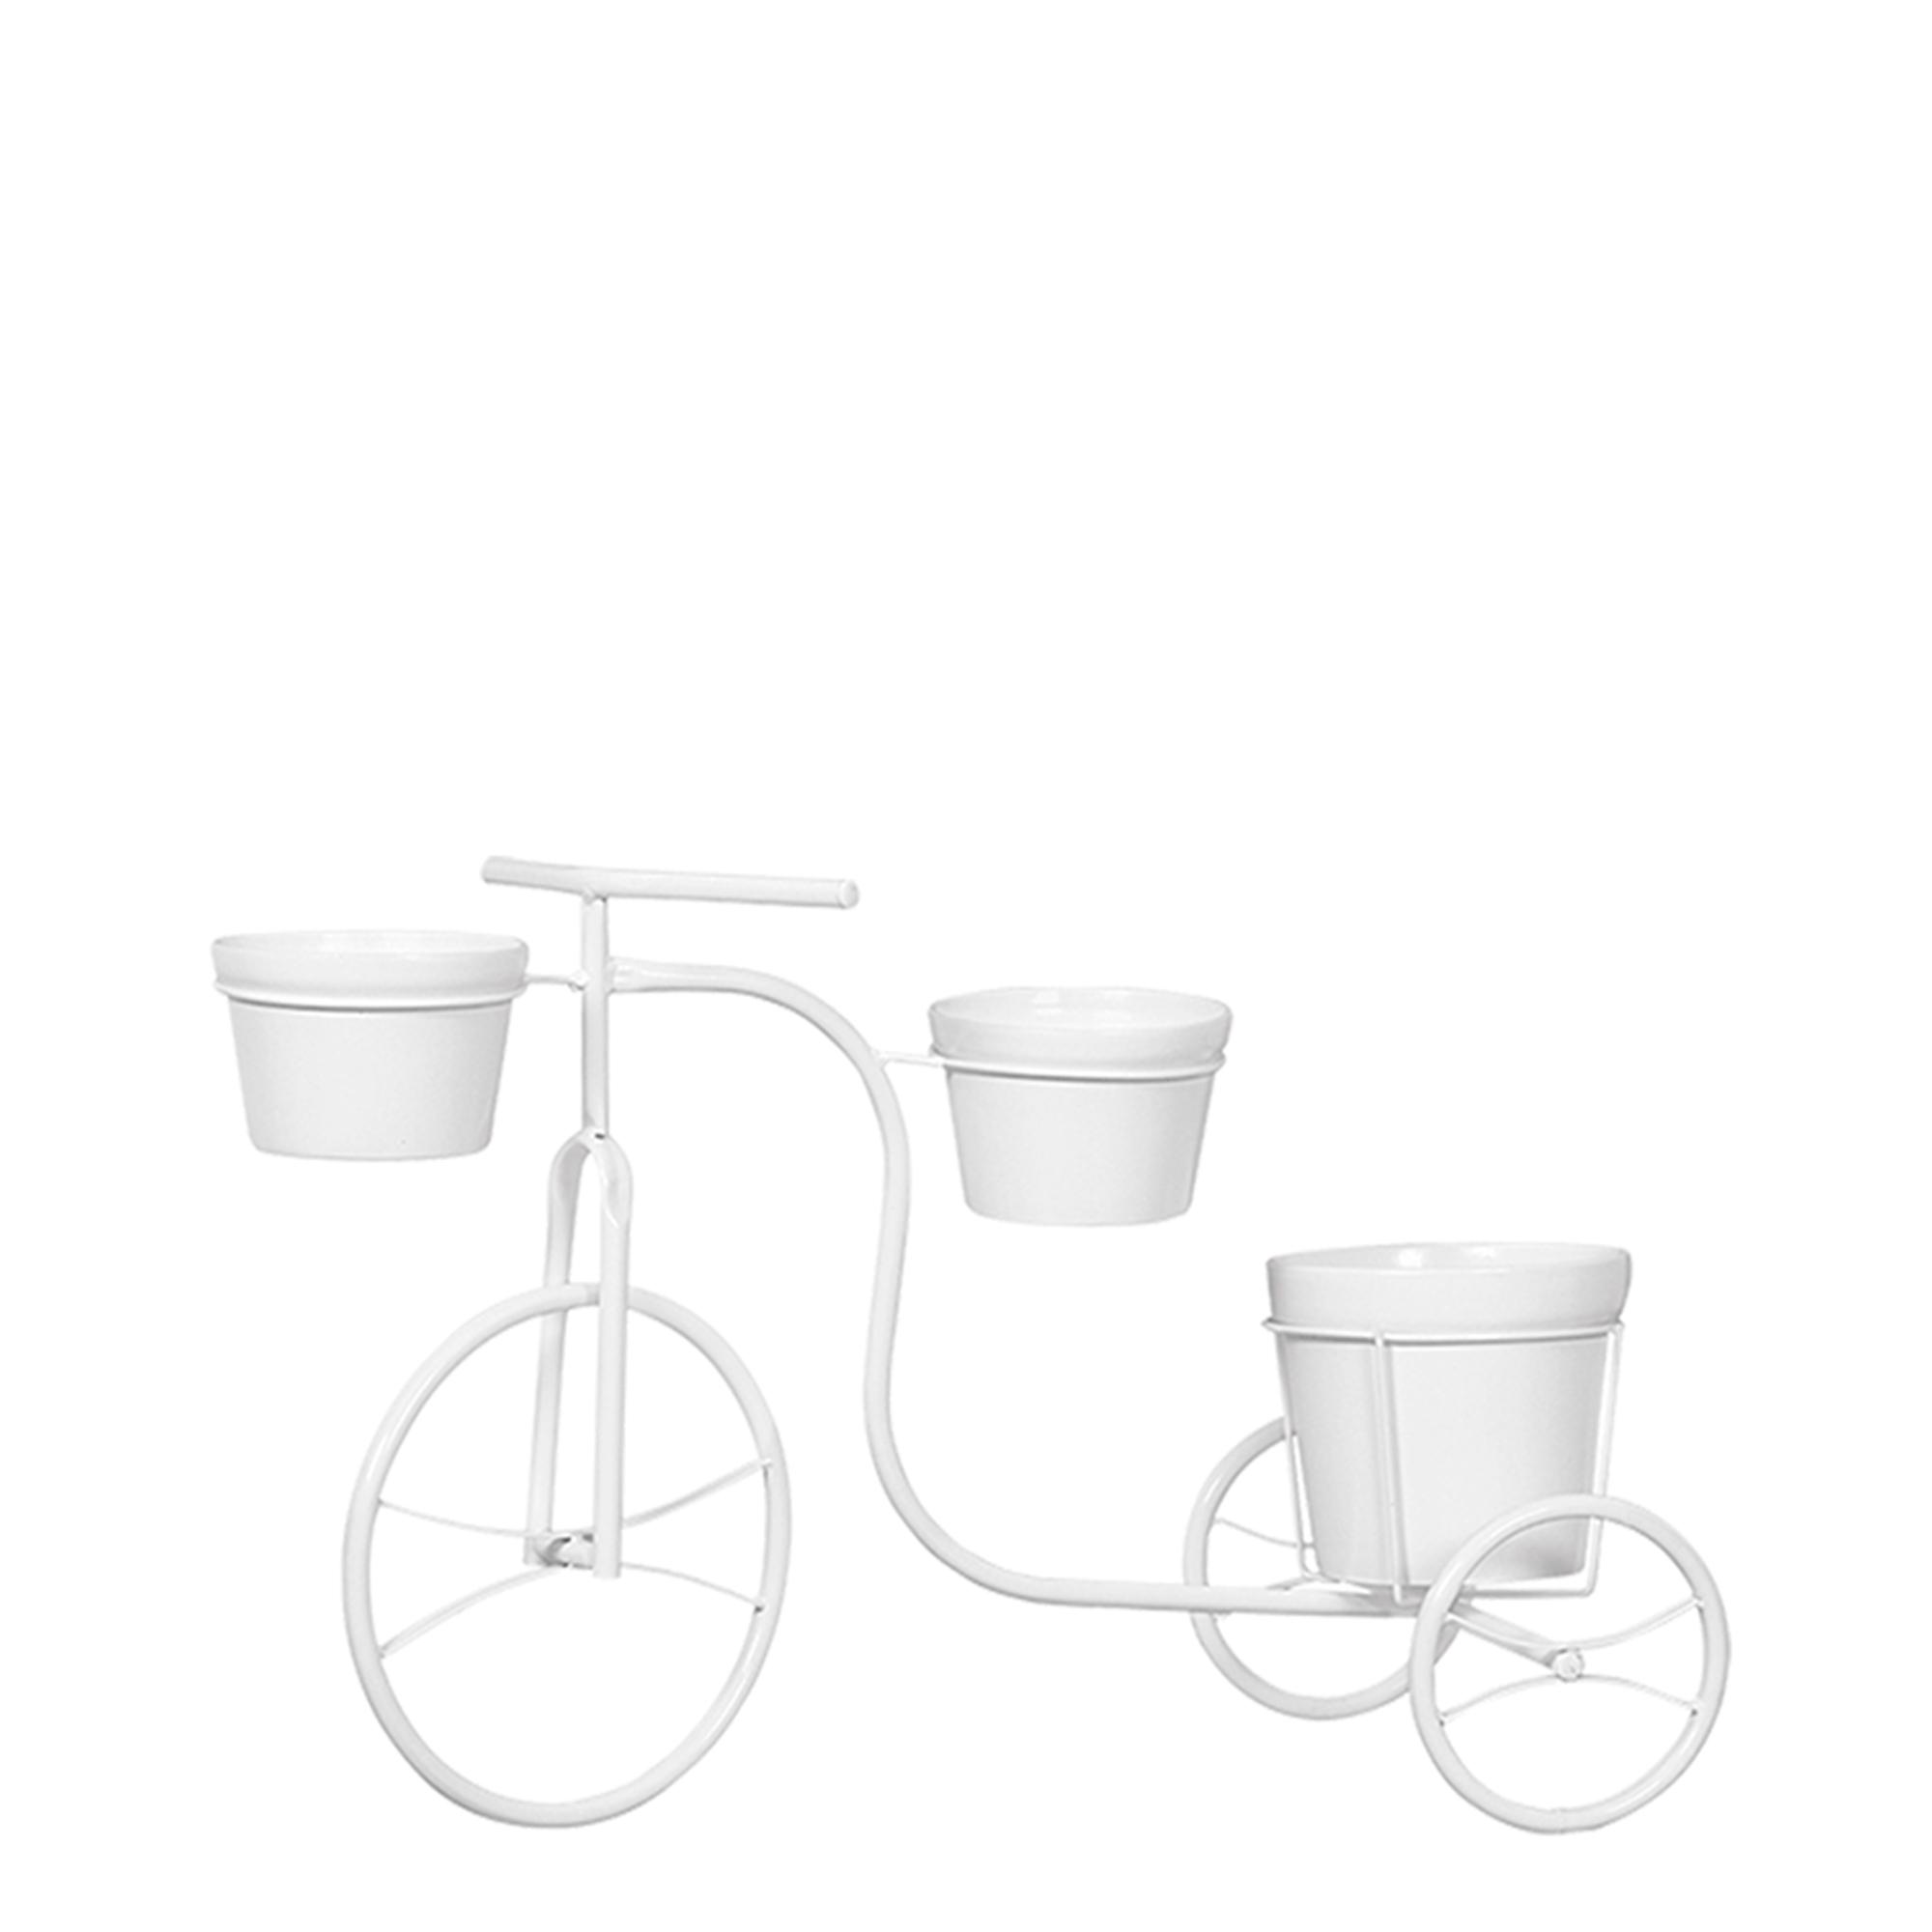 Bicicleta Jardim c/ 3 Vasos Redondo